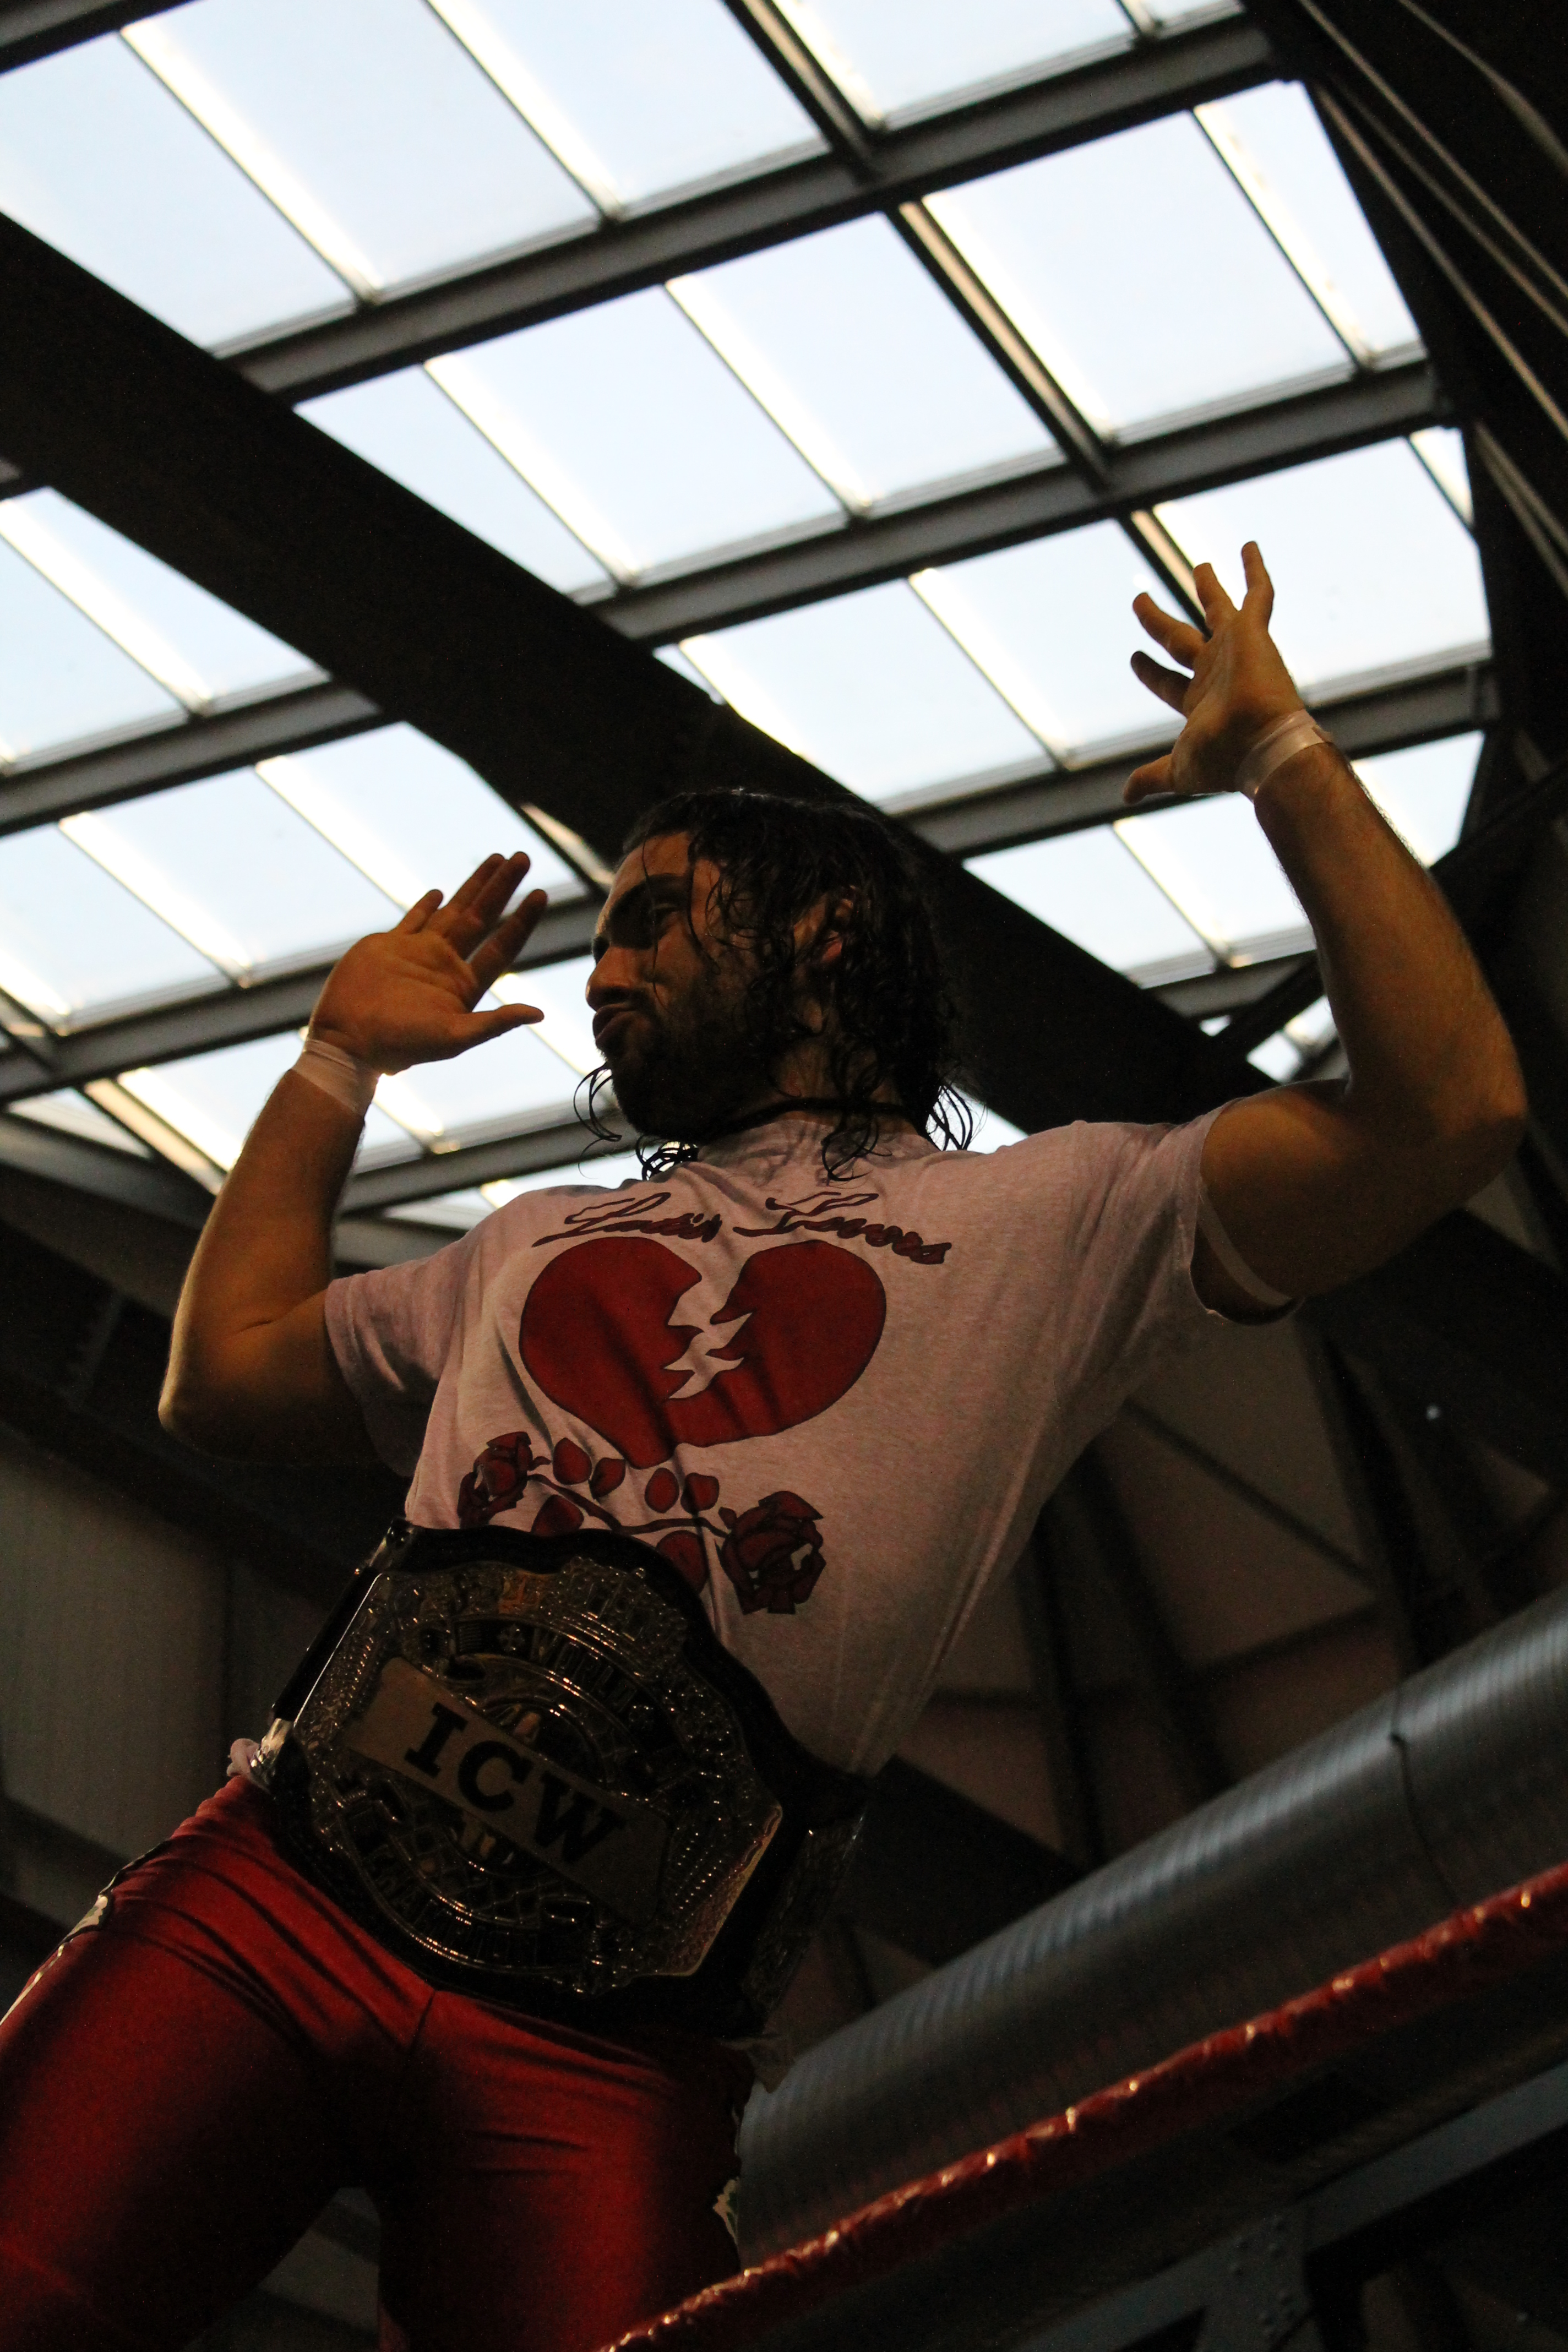 Uno dei due Campioni di Coppia, Rafael, ostenta tutta la sua sicurezza sul ring. Sarà così anche questo Sabato?